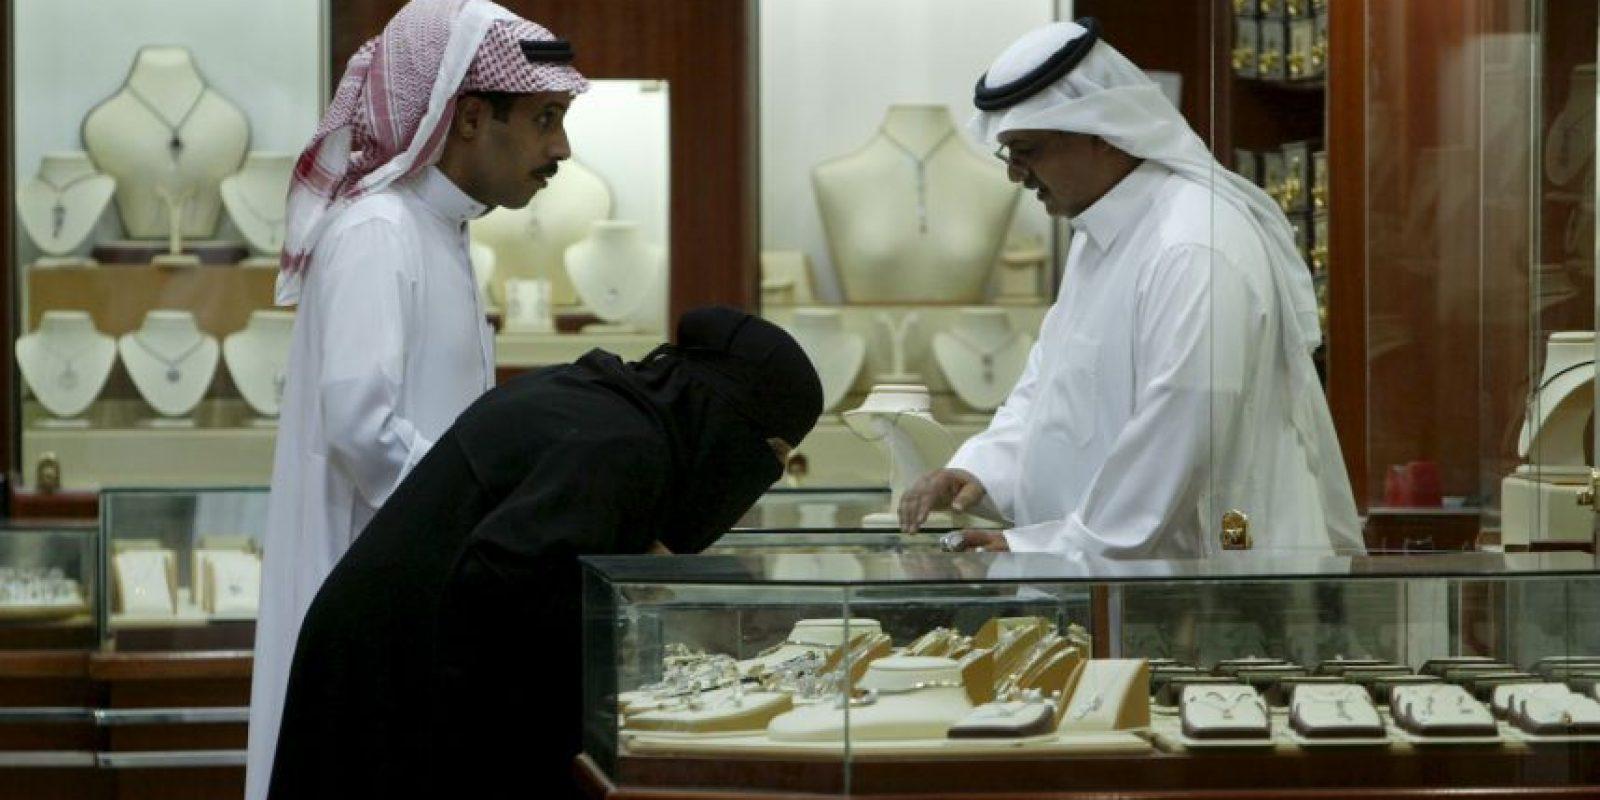 """7. En ocasiones pueden quitarse la abaya en tiendas de lujo, de acuerdo al periódico español """"El Mundo"""". Foto:Getty Images"""